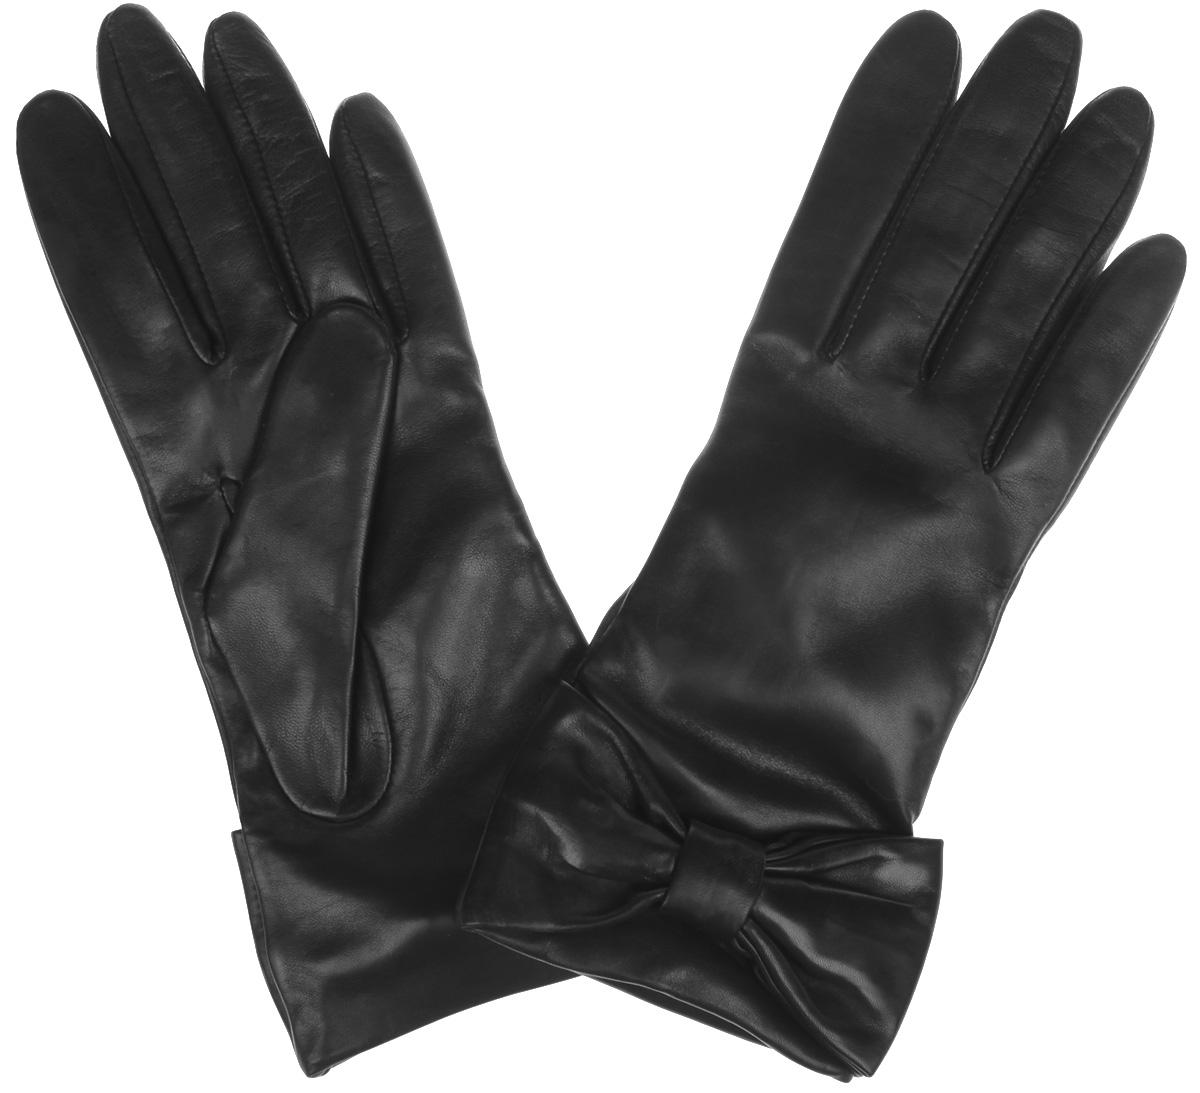 ПерчаткиF-IS0055Элегантные женские перчатки Eleganzza станут великолепным дополнением вашего образа и защитят ваши руки от холода и ветра во время прогулок. Перчатки выполнены из натуральной кожи и имеют подкладку из полушерстяной пряжи с добавлением кашемира, что позволяет им надежно сохранять тепло и обеспечивает высокую гигроскопичность. Перчатки оформлены декоративными кожаными бантами на запястьях. Такие перчатки будут оригинальным завершающим штрихом в создании современного модного образа, они подчеркнут ваш изысканный вкус и станут незаменимым и практичным аксессуаром.